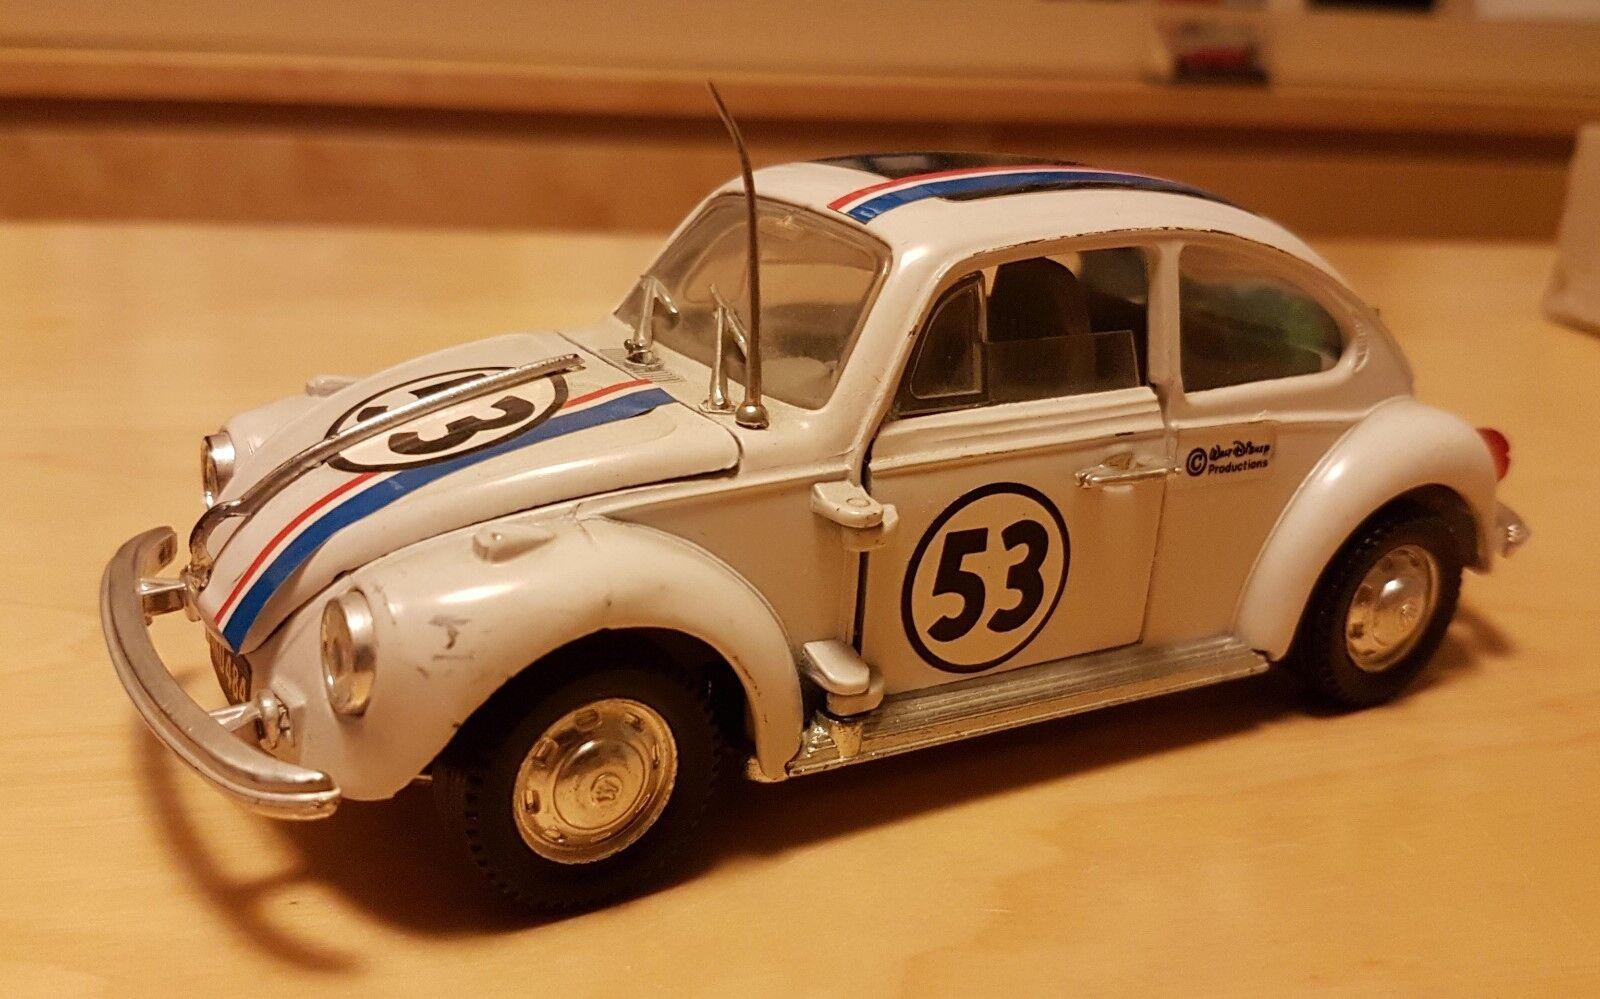 VW 1303 Coccinelle-POLISTIL-Herbie - 1 24 - No 53-Super état